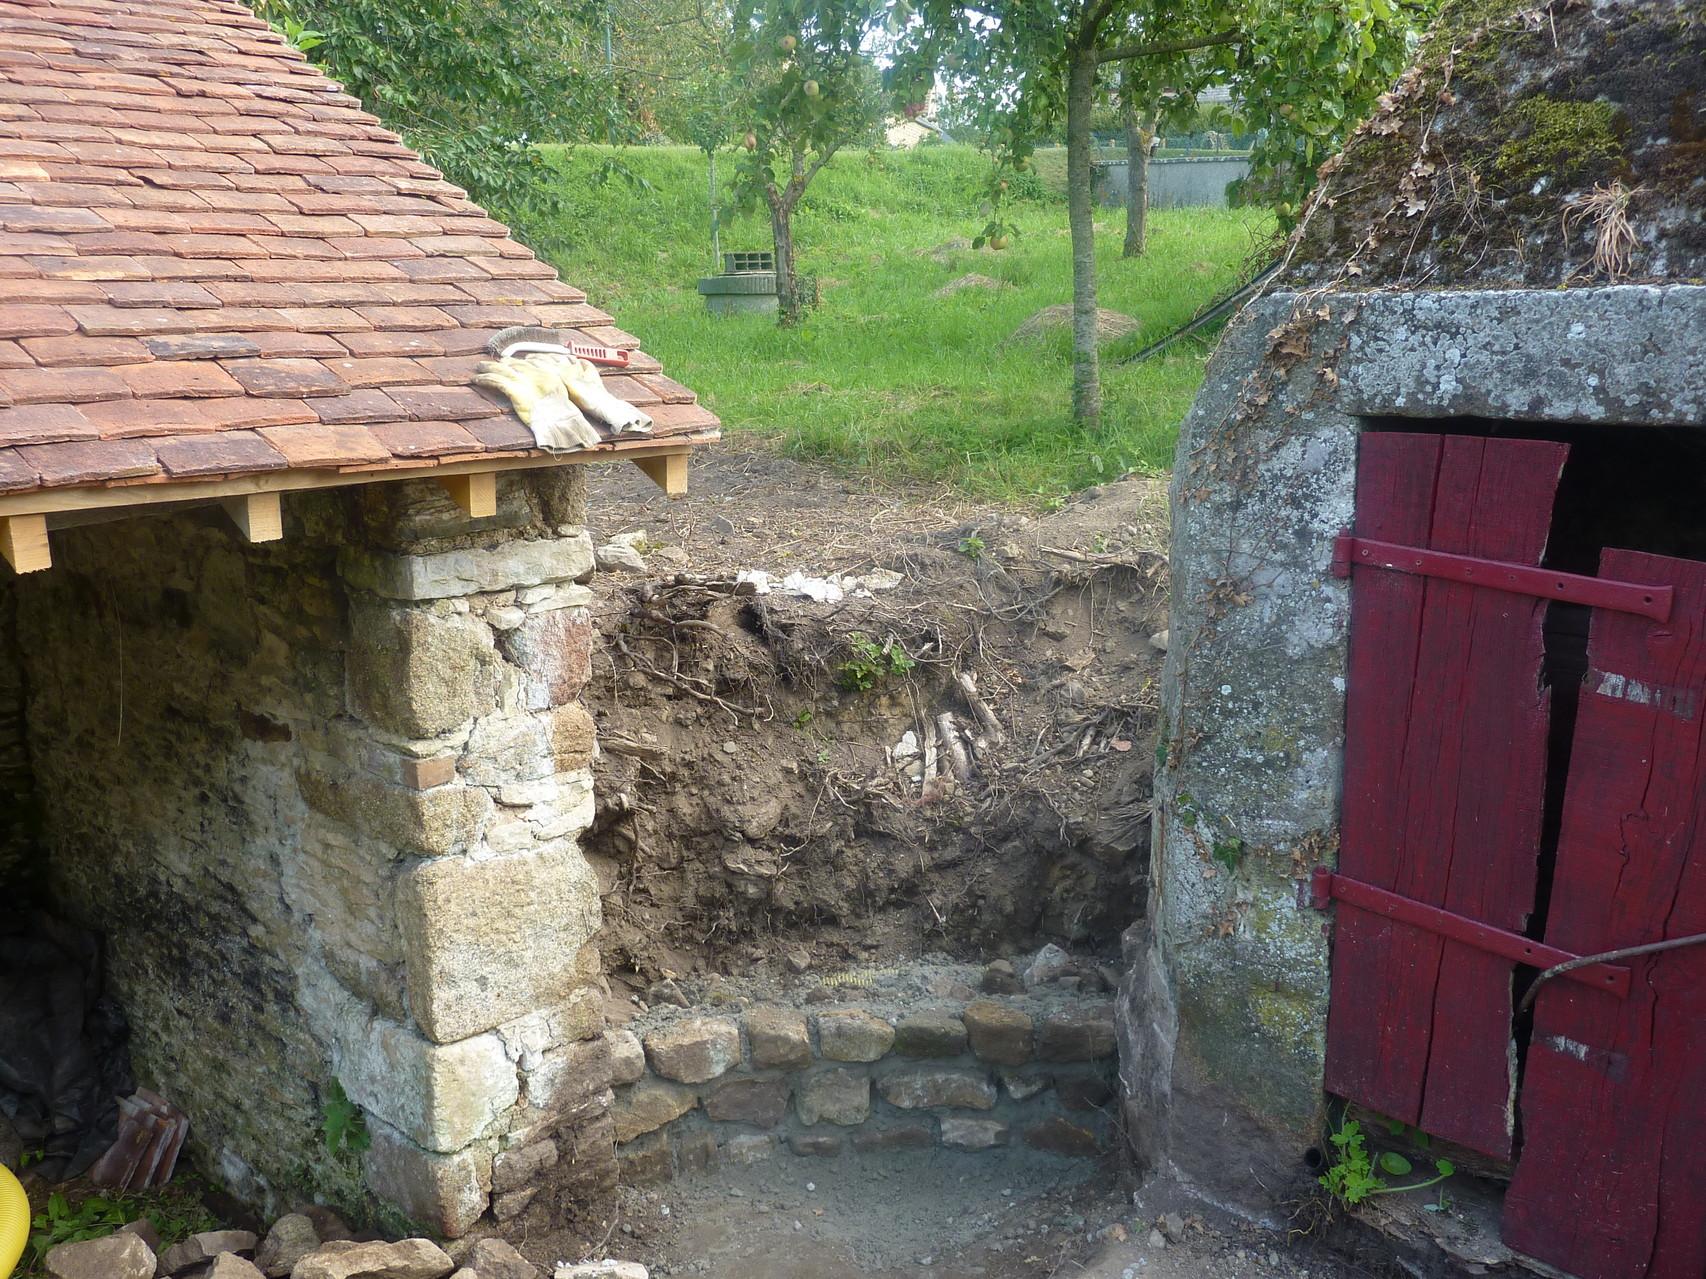 Un muret va être construit entre le lavoir et le puits.